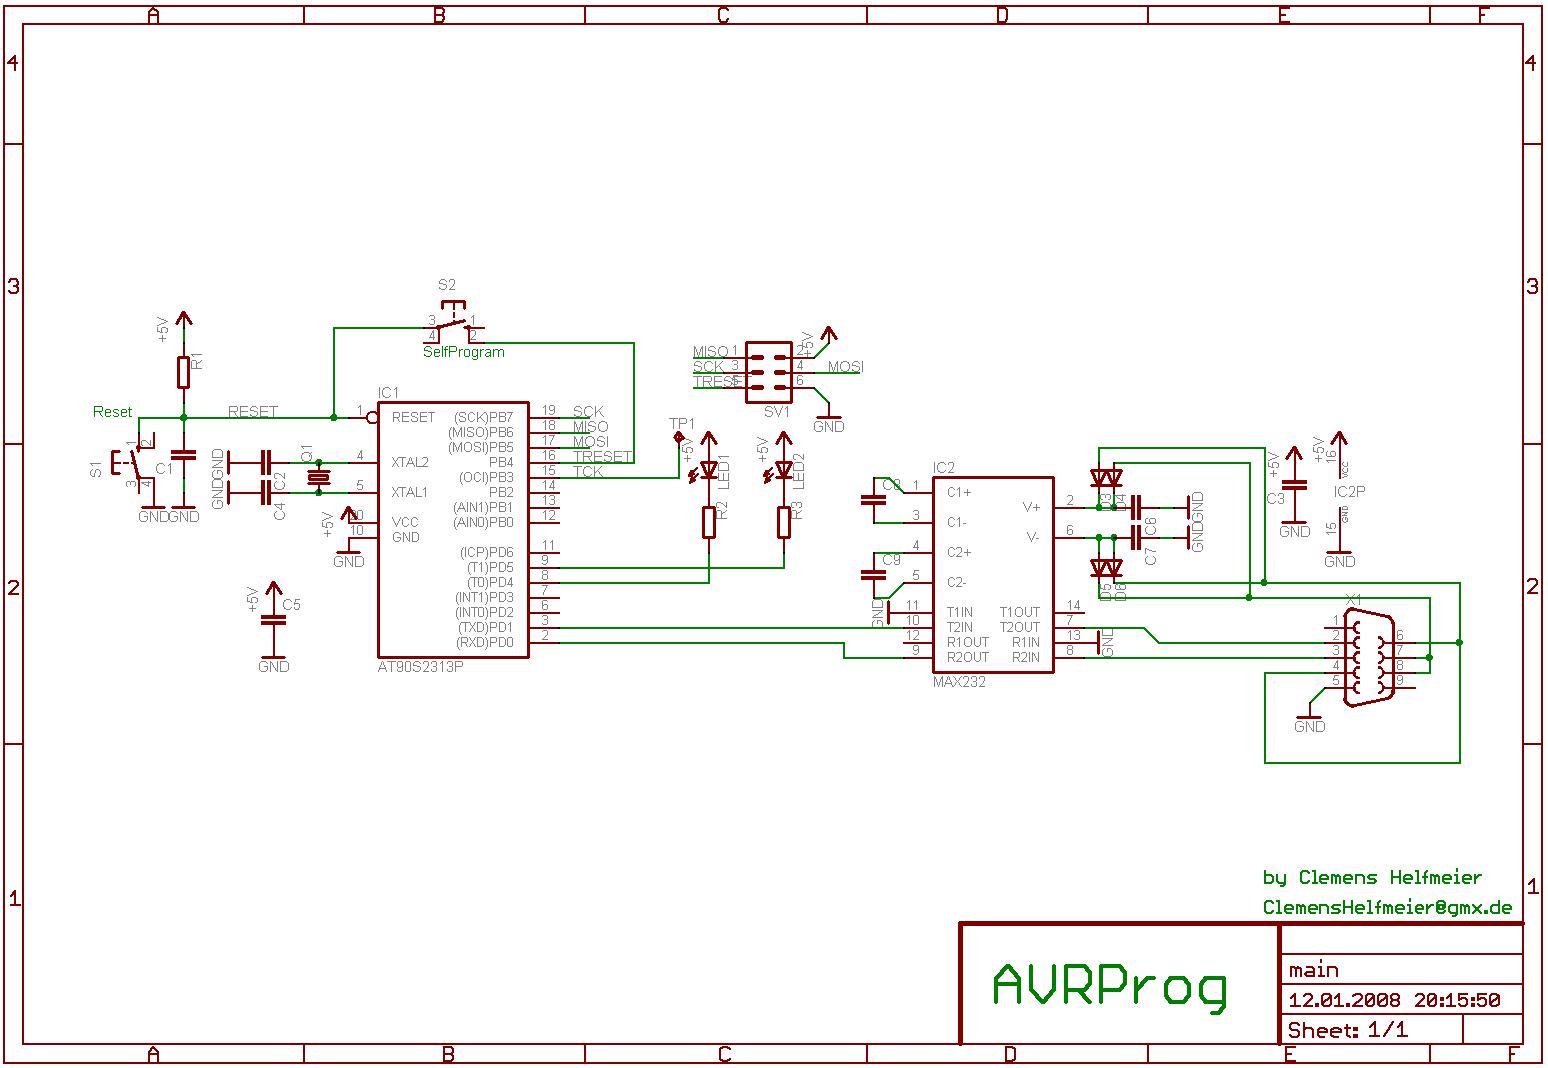 AVR910 Programmer, Schaltplan, Layout, Firmware - Mikrocontroller.net